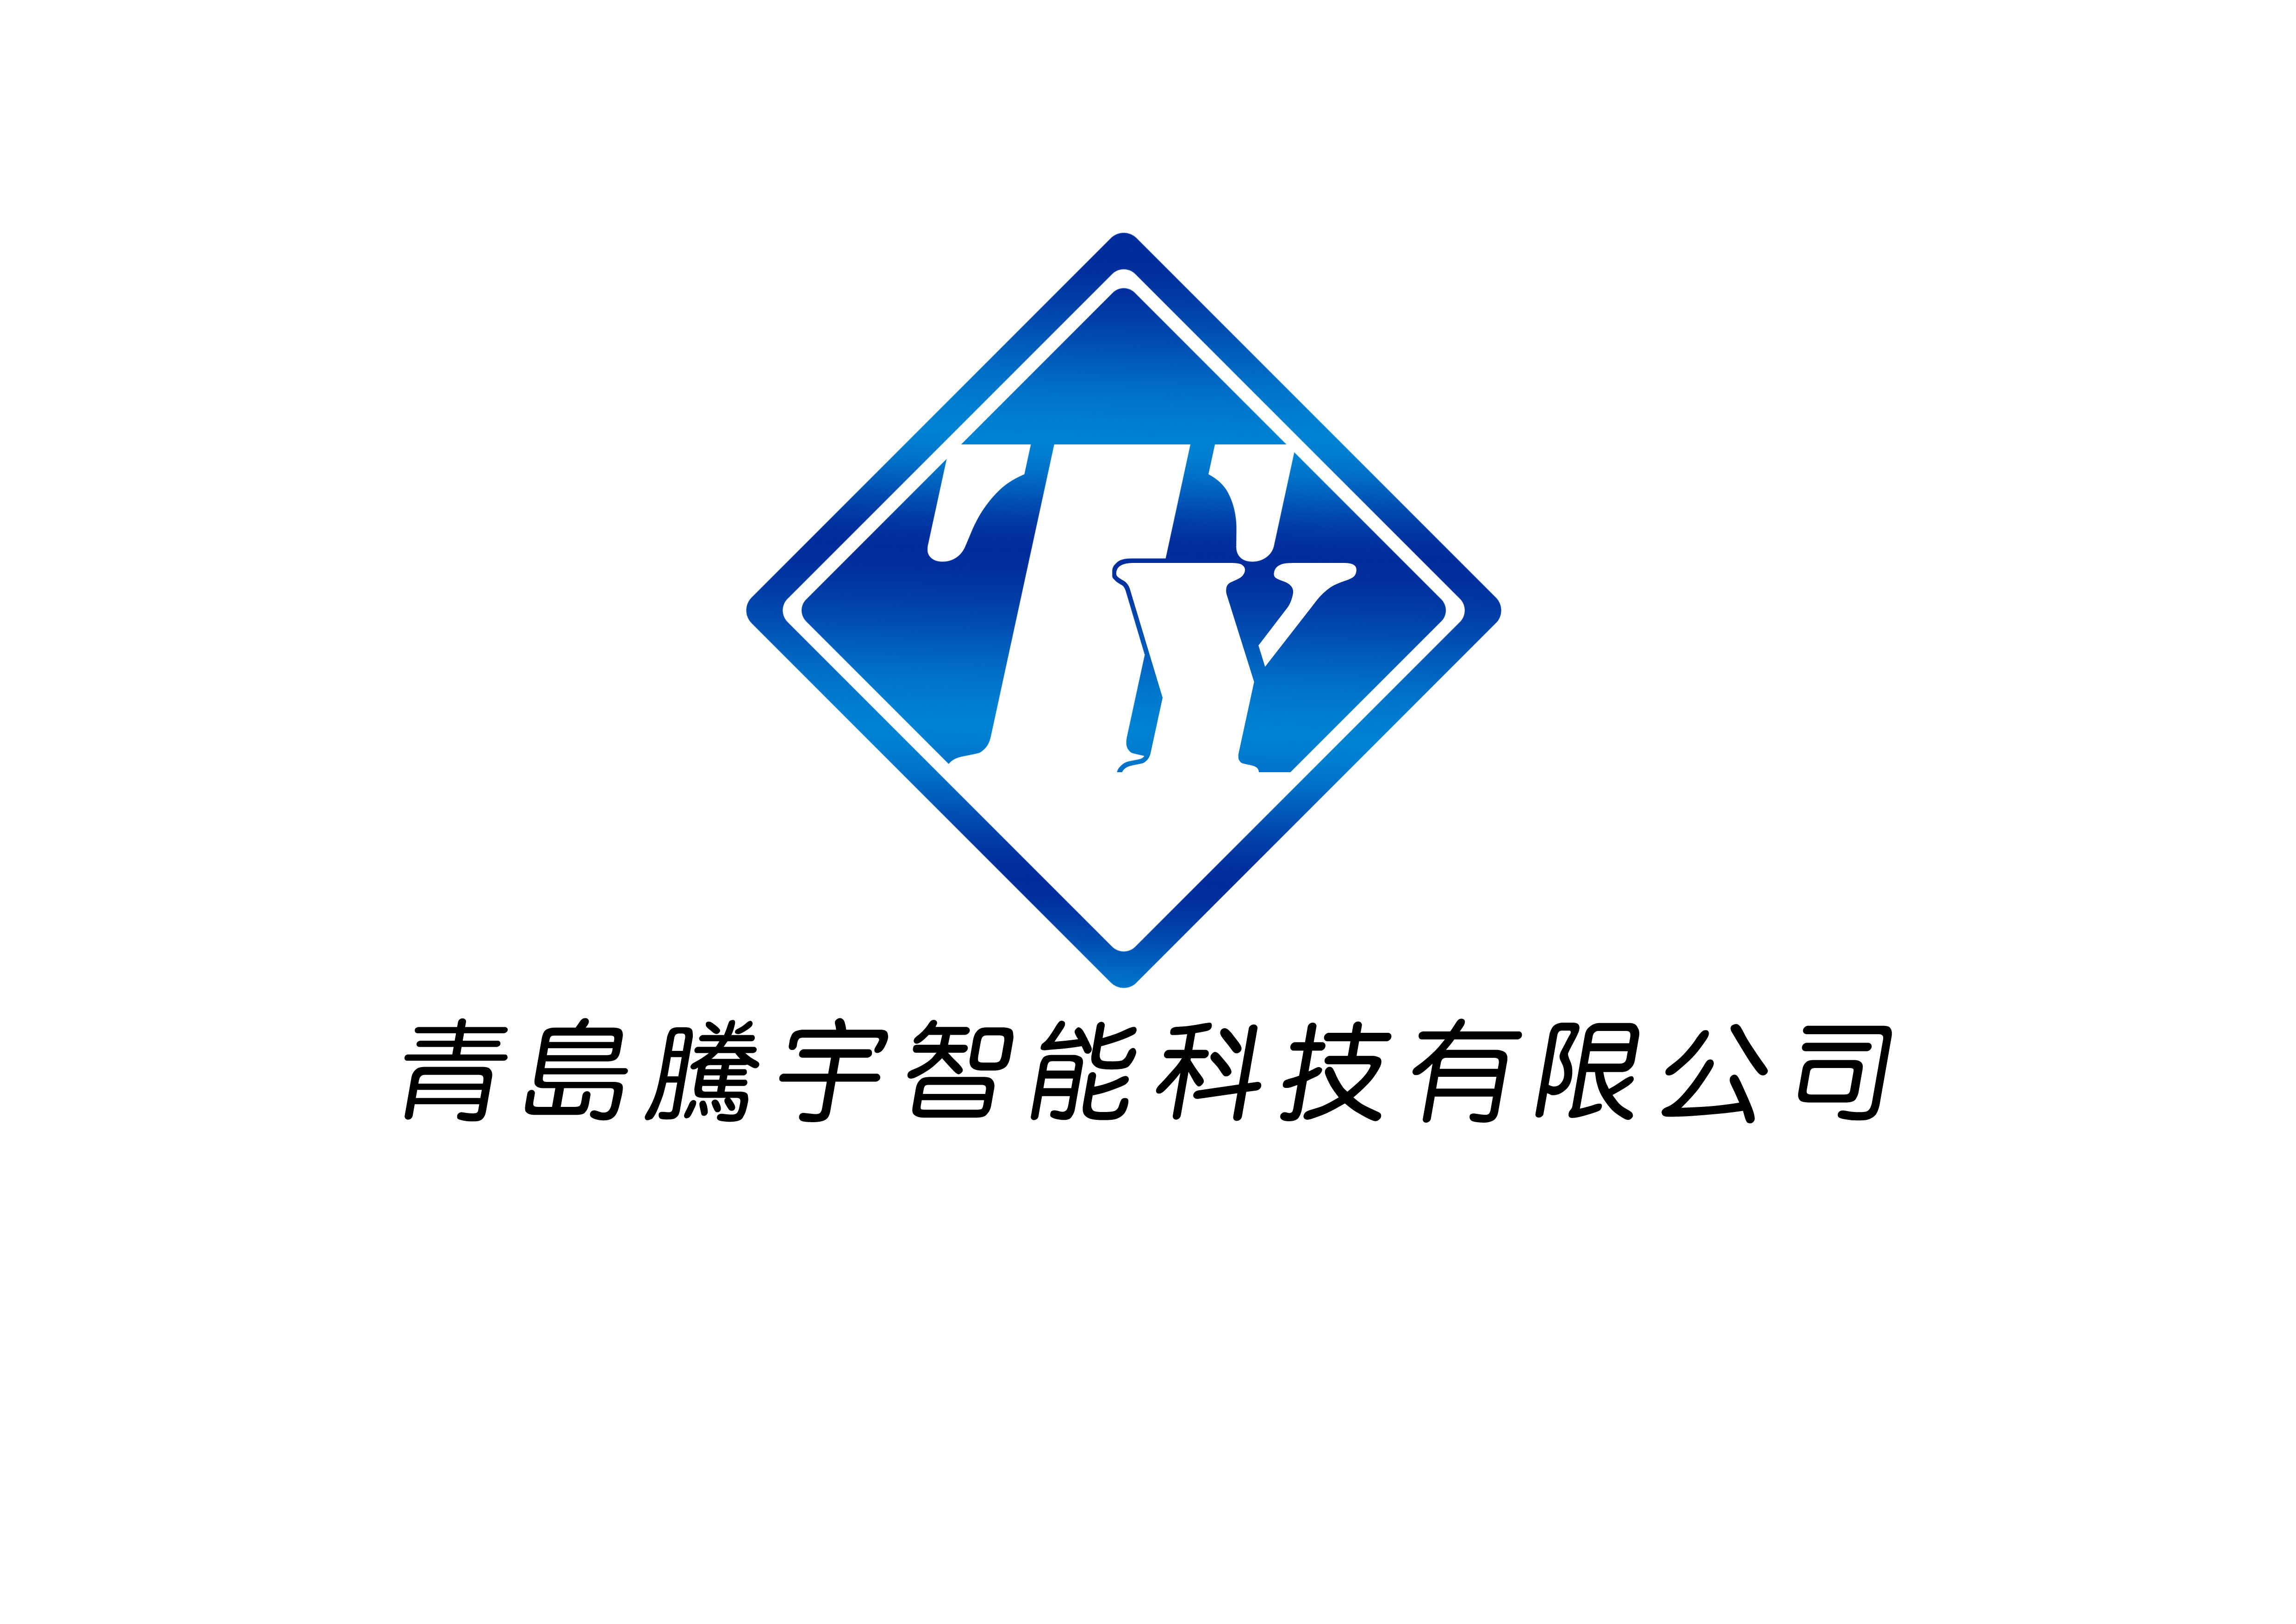 青岛腾宇智能科技有限公司